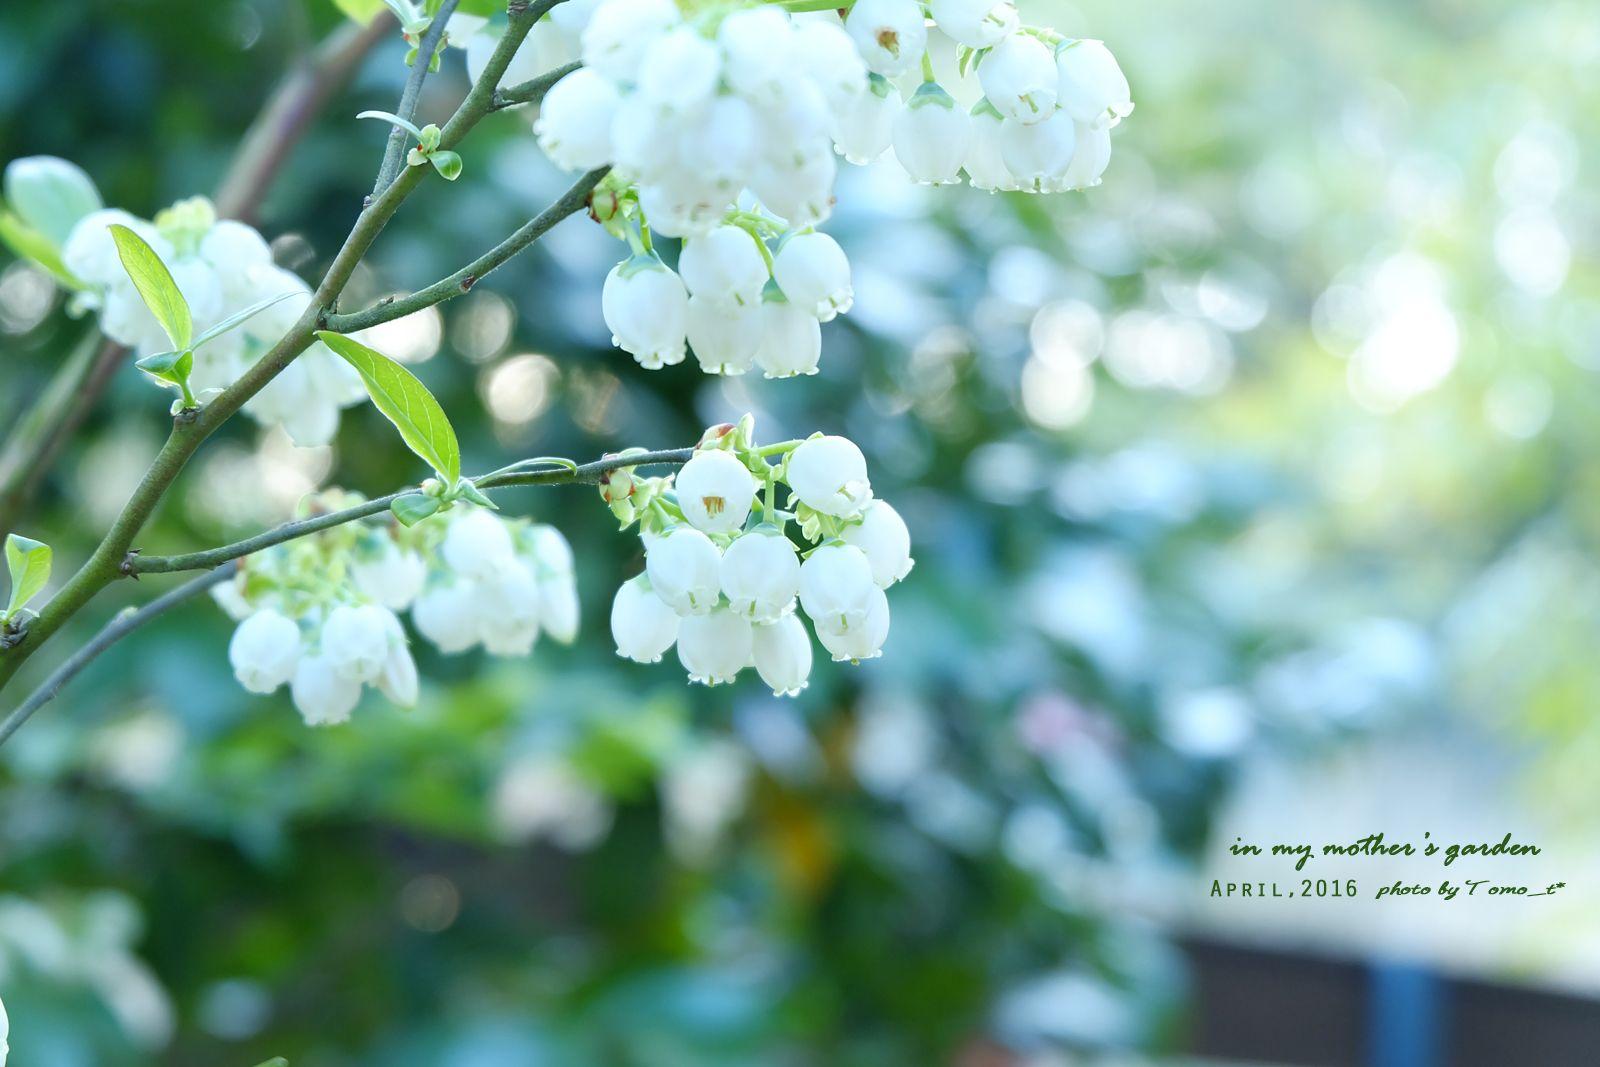 道のりを記憶に残して: 岡山の実家にて、初日に見たお花たち/花・グリーンのある暮らし